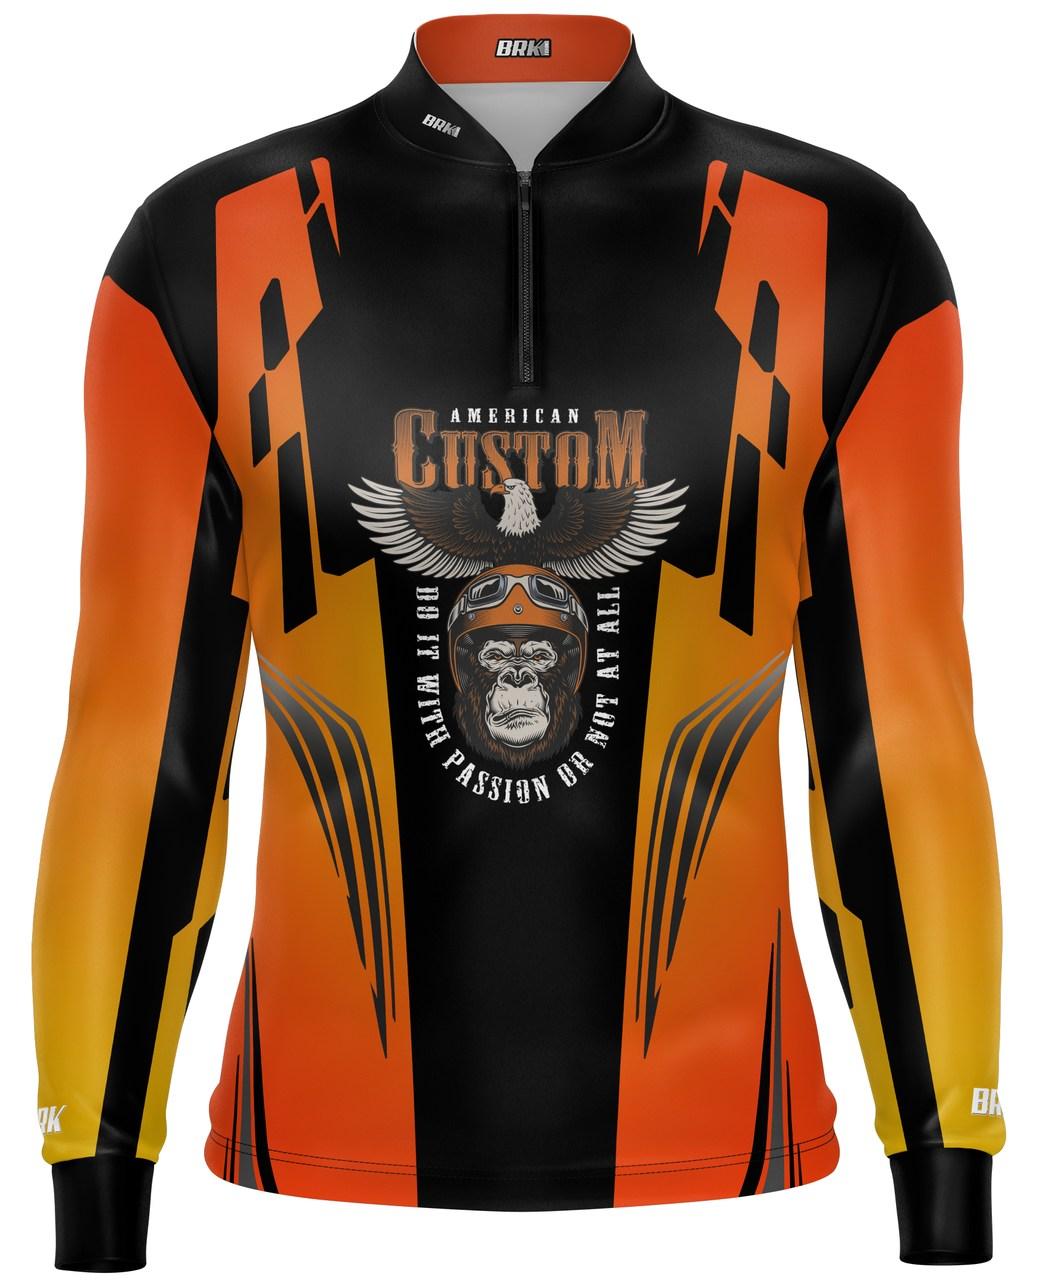 Camiseta Brk Motociclismo American Custom com FPU 50+